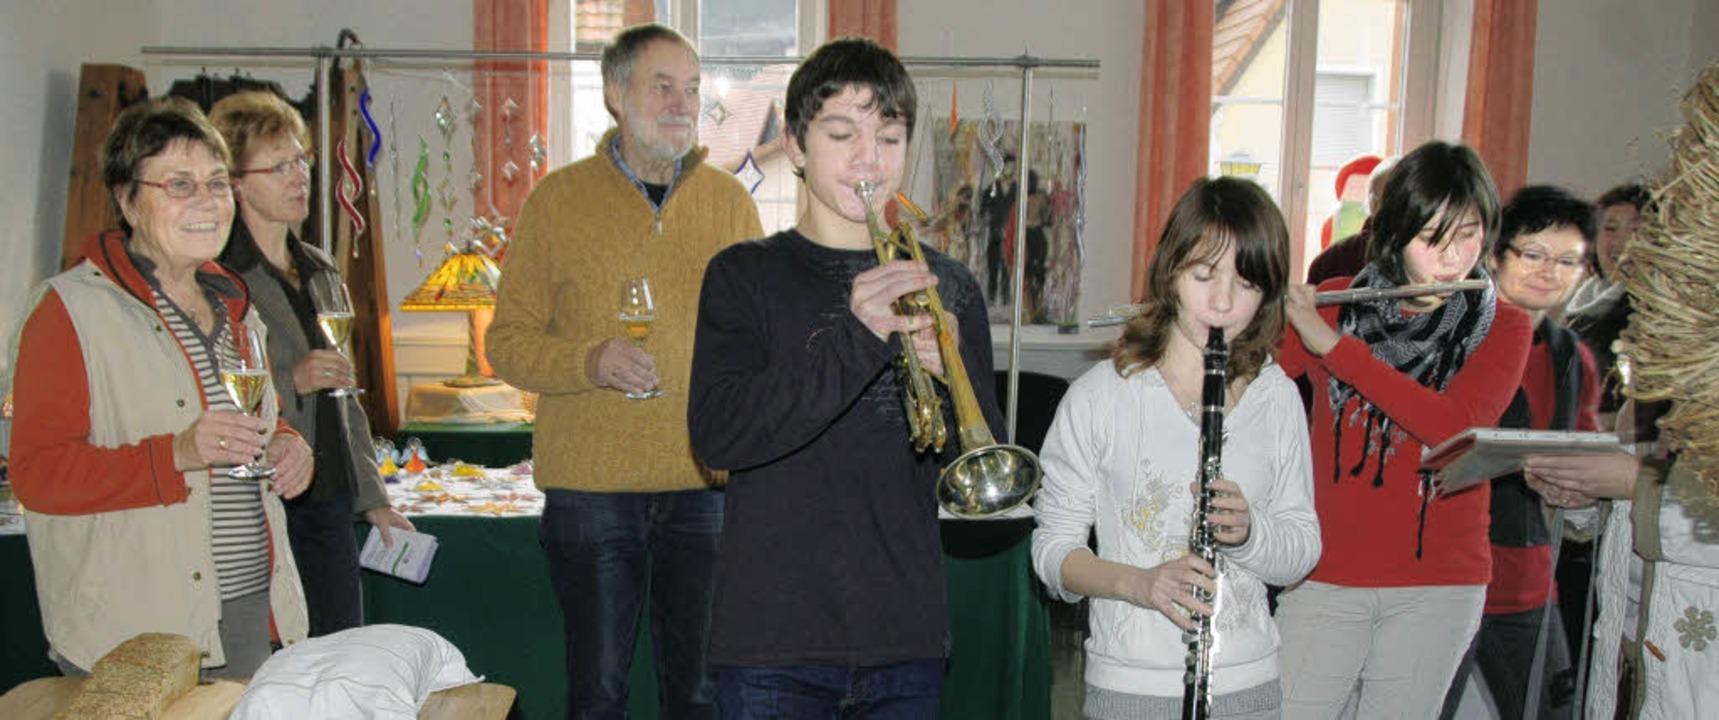 Jochen Burkhard (Trompete), Larissa Hü...e) sorgten für musikalische Umrahmung.  | Foto: Vitt